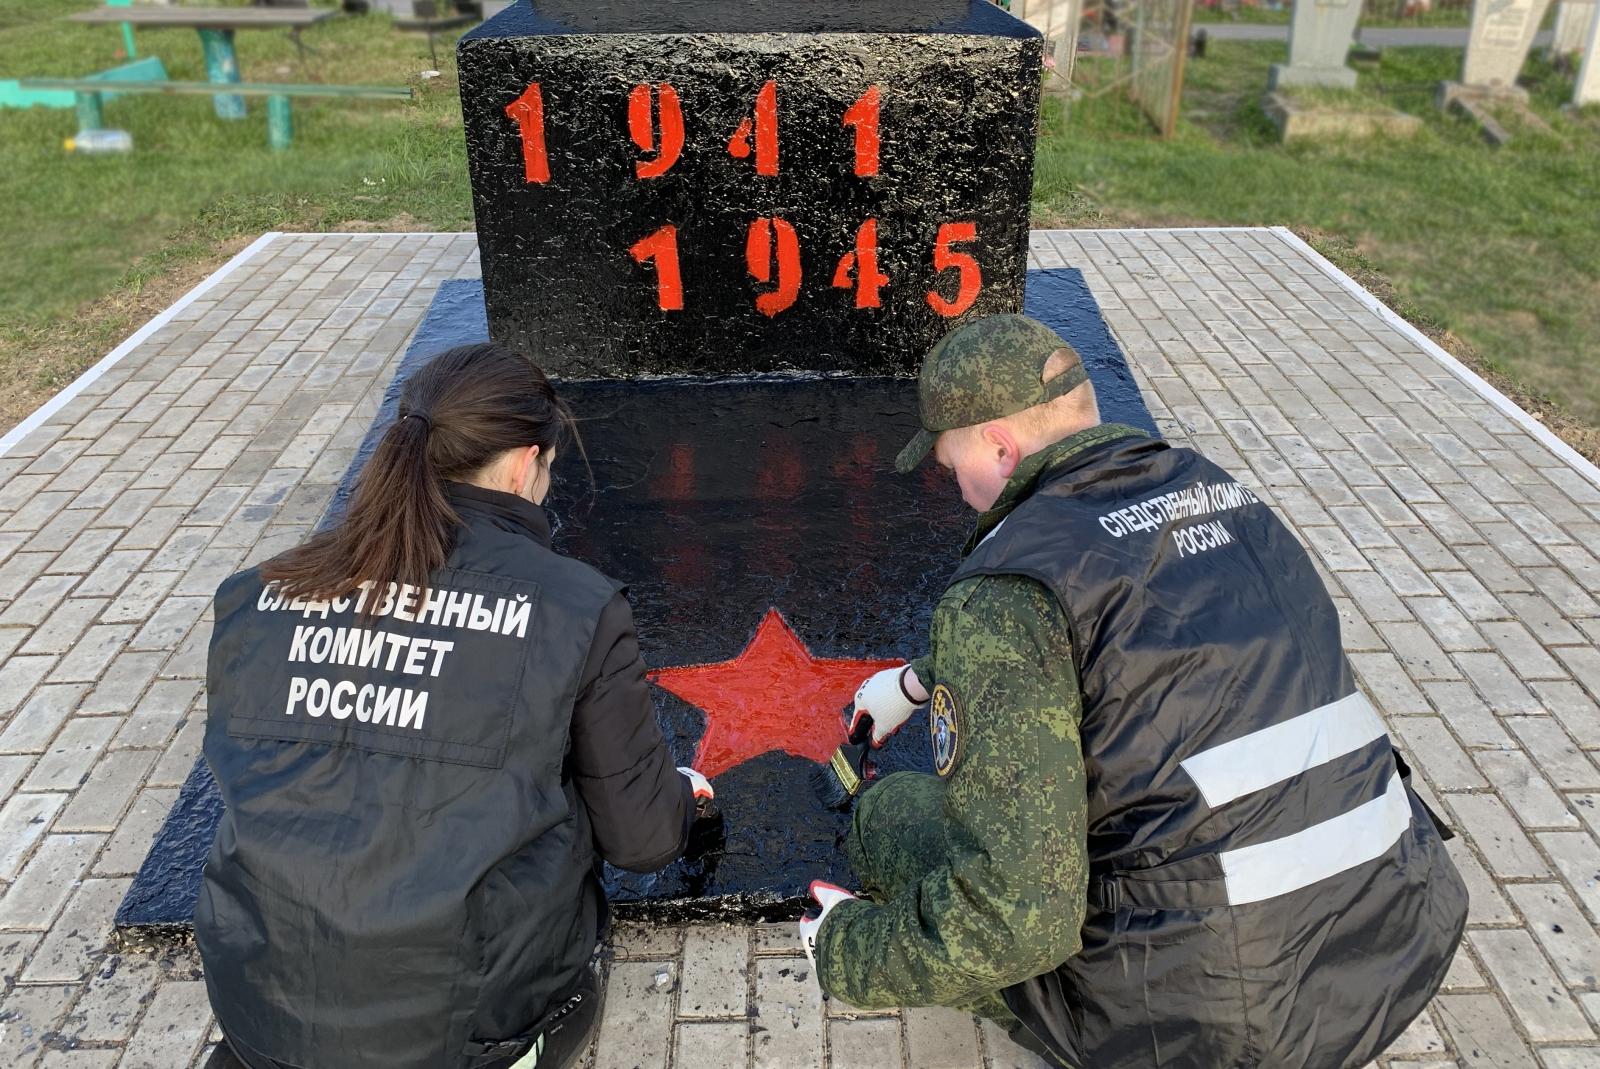 В преддверии Дня Победы следователи привели в порядок памятник воинам-освободителям в Брянской области